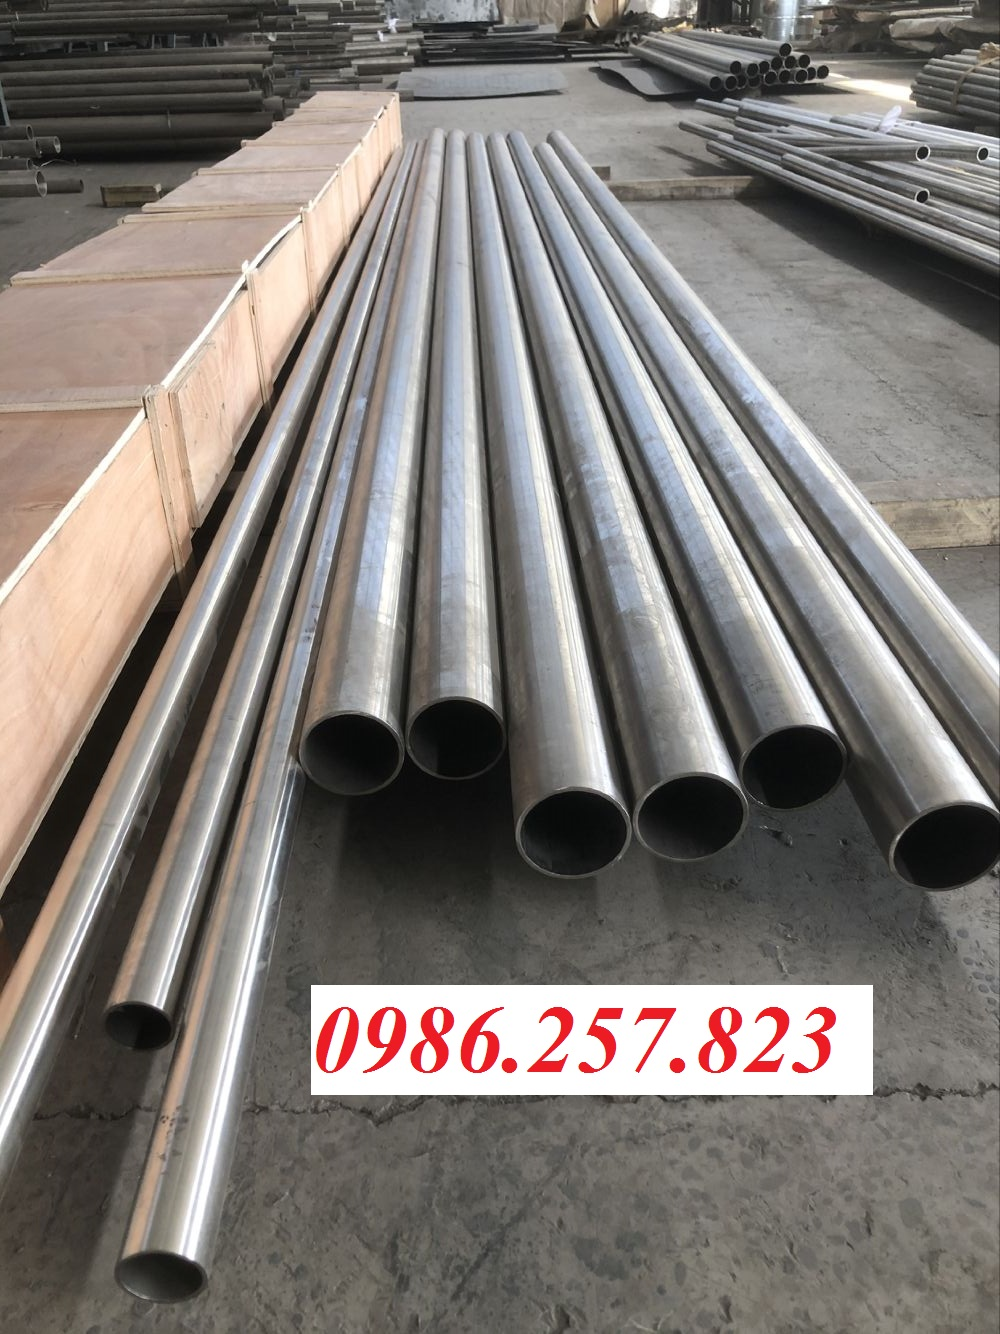 Thép không gỉ/ Inox SUS304 đa dạng quy cách cuộn, tấm, thanh, cây tròn đặc, ống, rèn inox